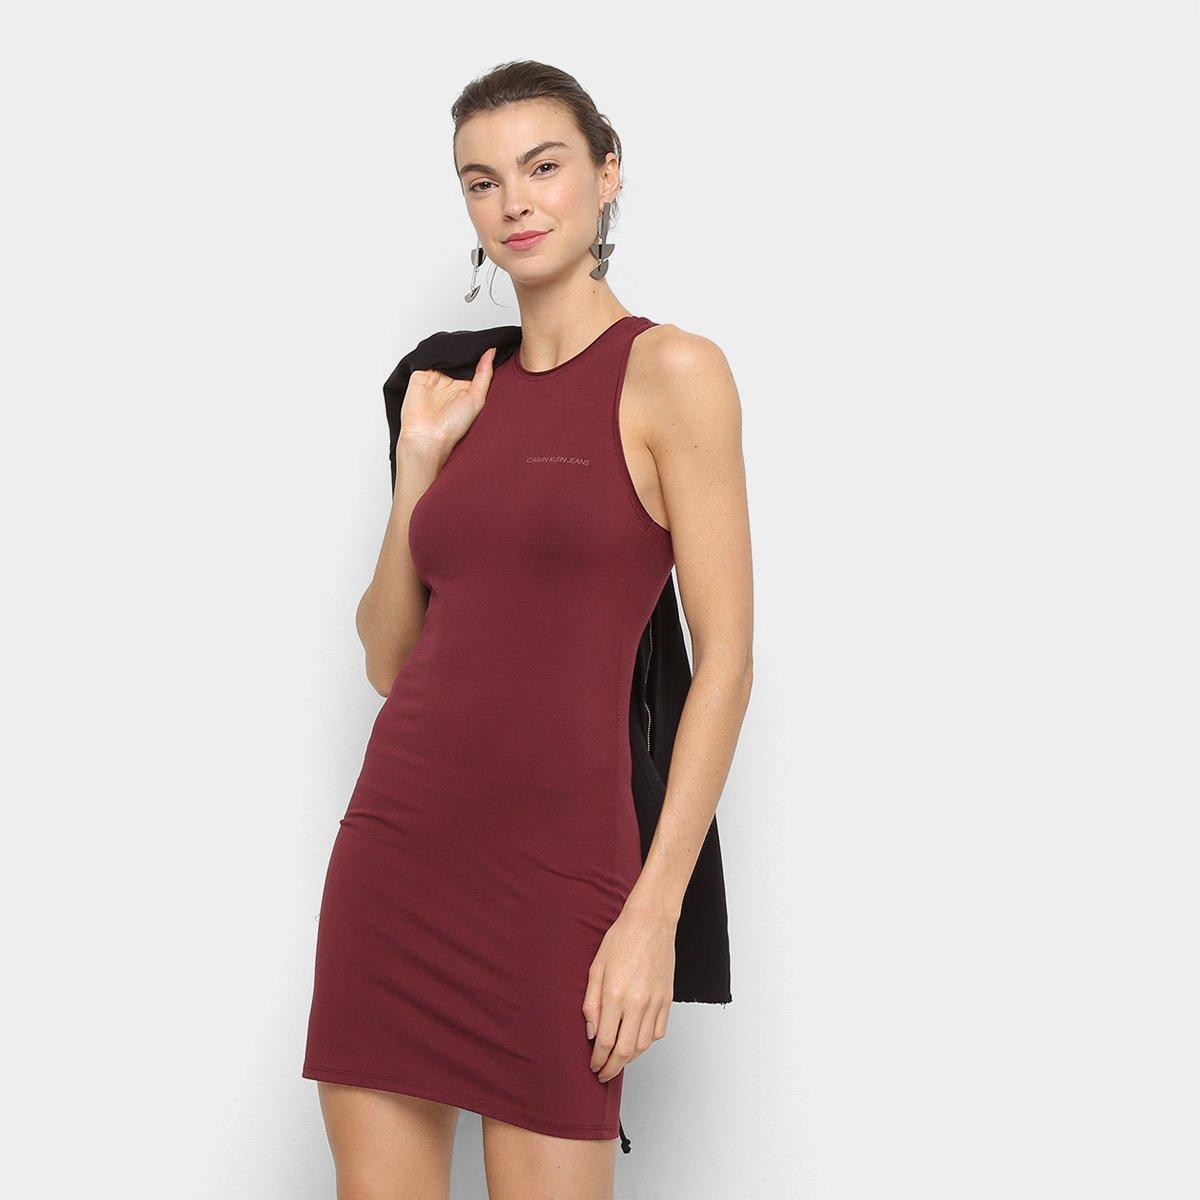 Vestido Calvin Klein Regata Curto